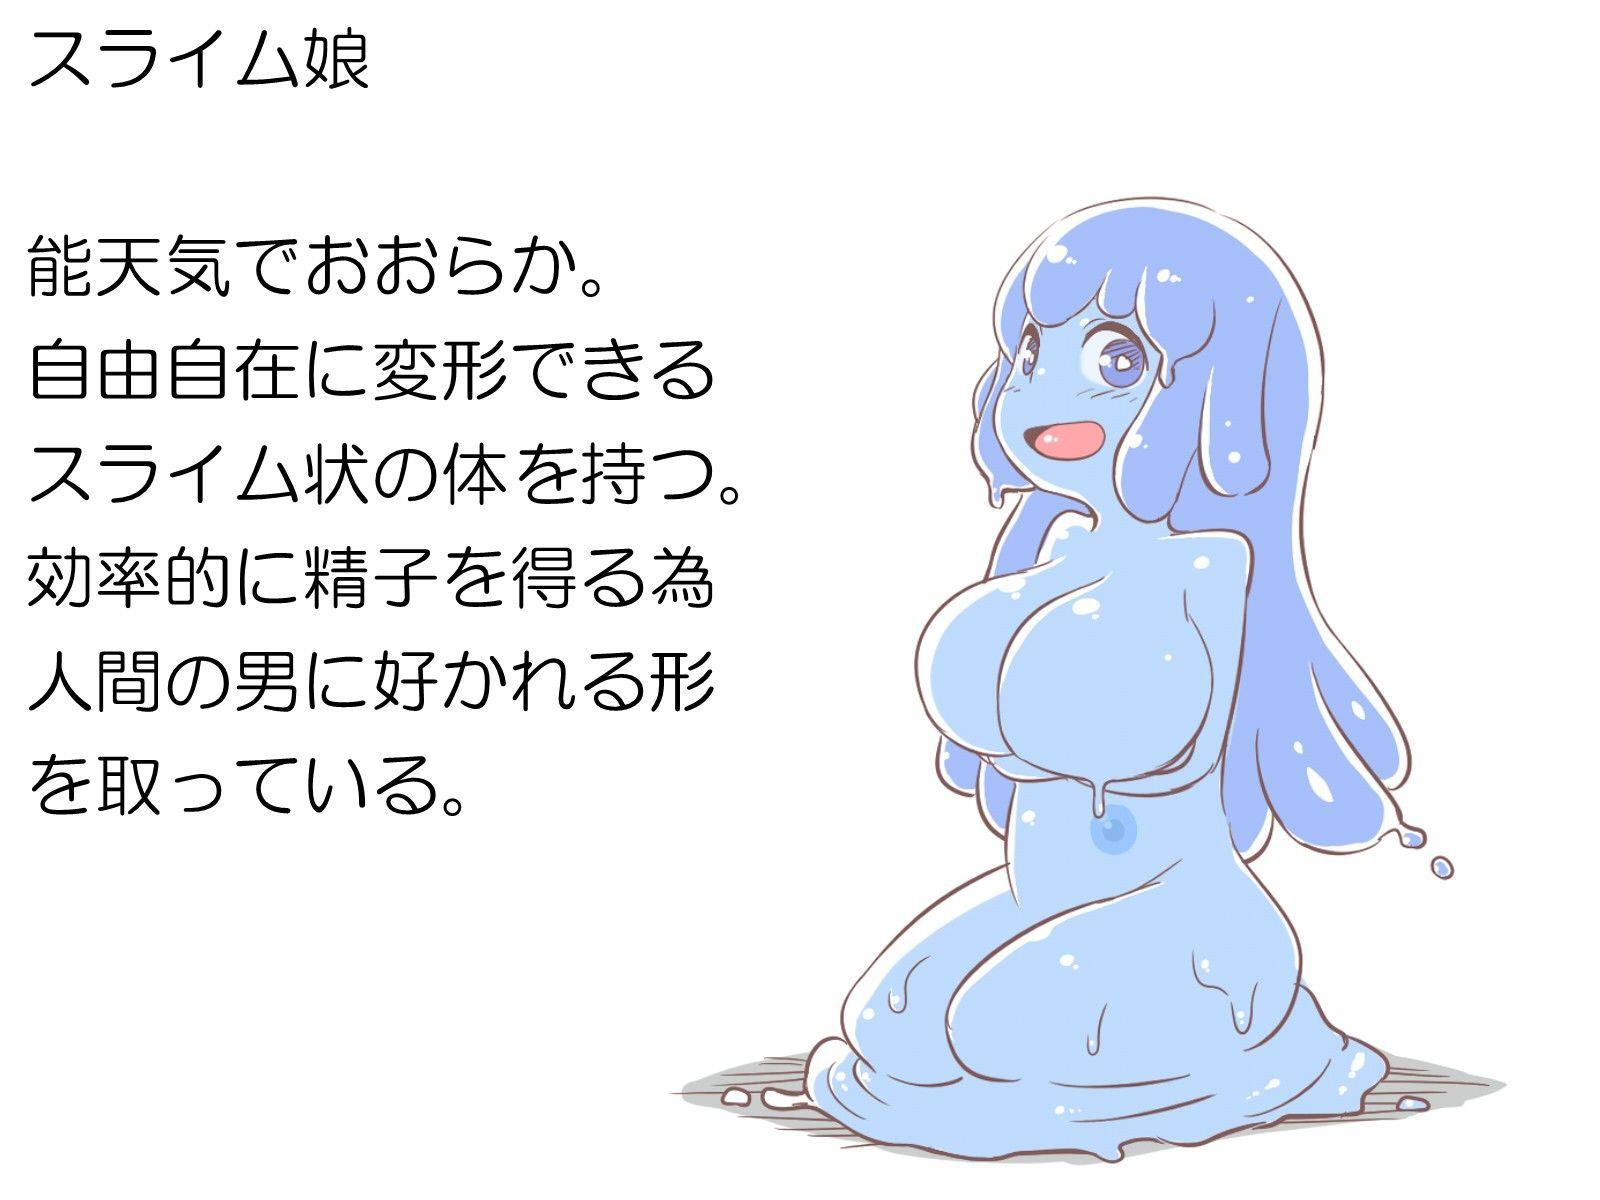 同人ガール:[同人]「モンスター娘と。」(七色七変化)